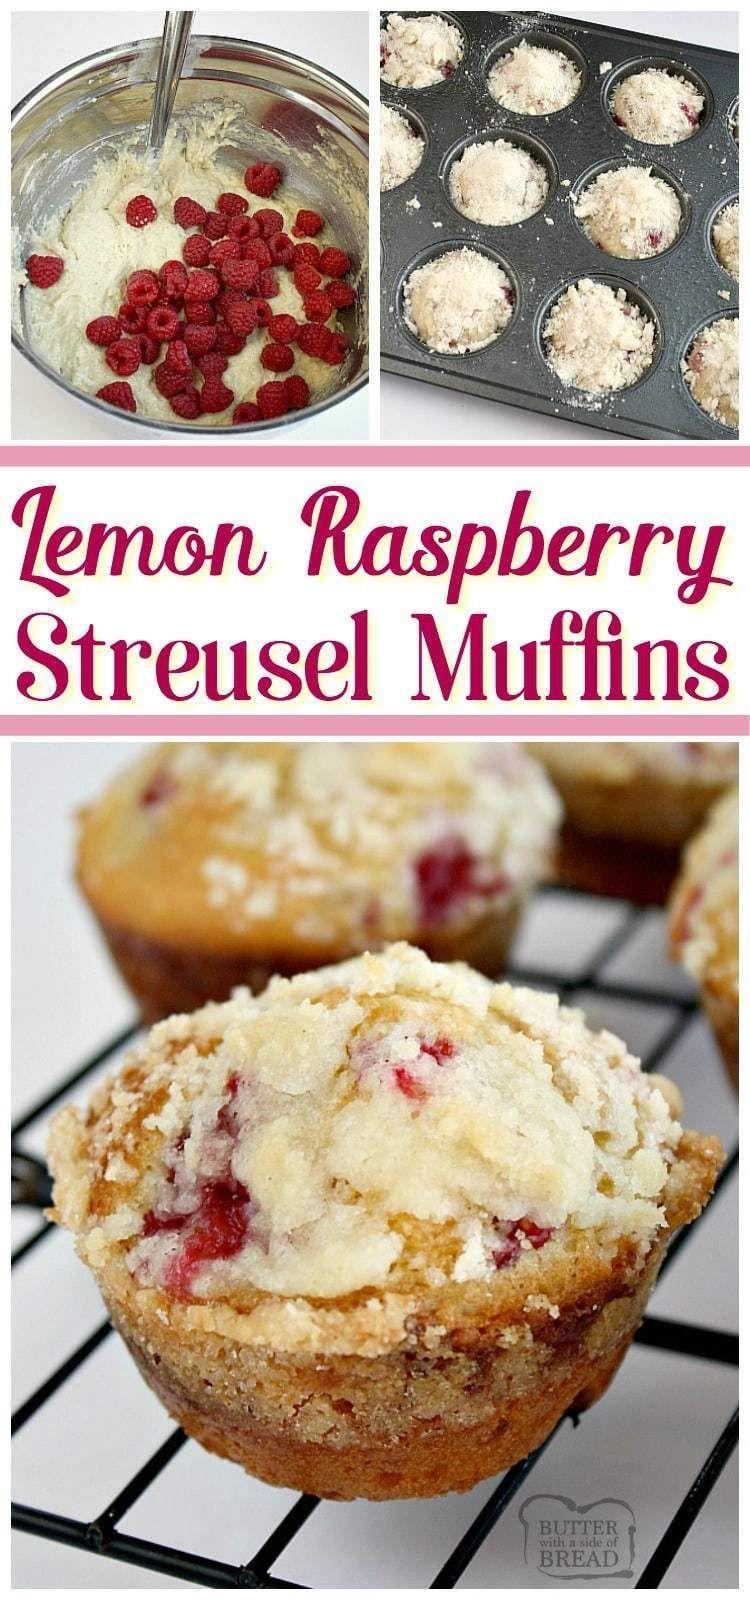 LEMON RASPBERRY STREUSEL MUFFINS  Lemon Raspberry Streusel Muffins with a lovely bright, raspberry